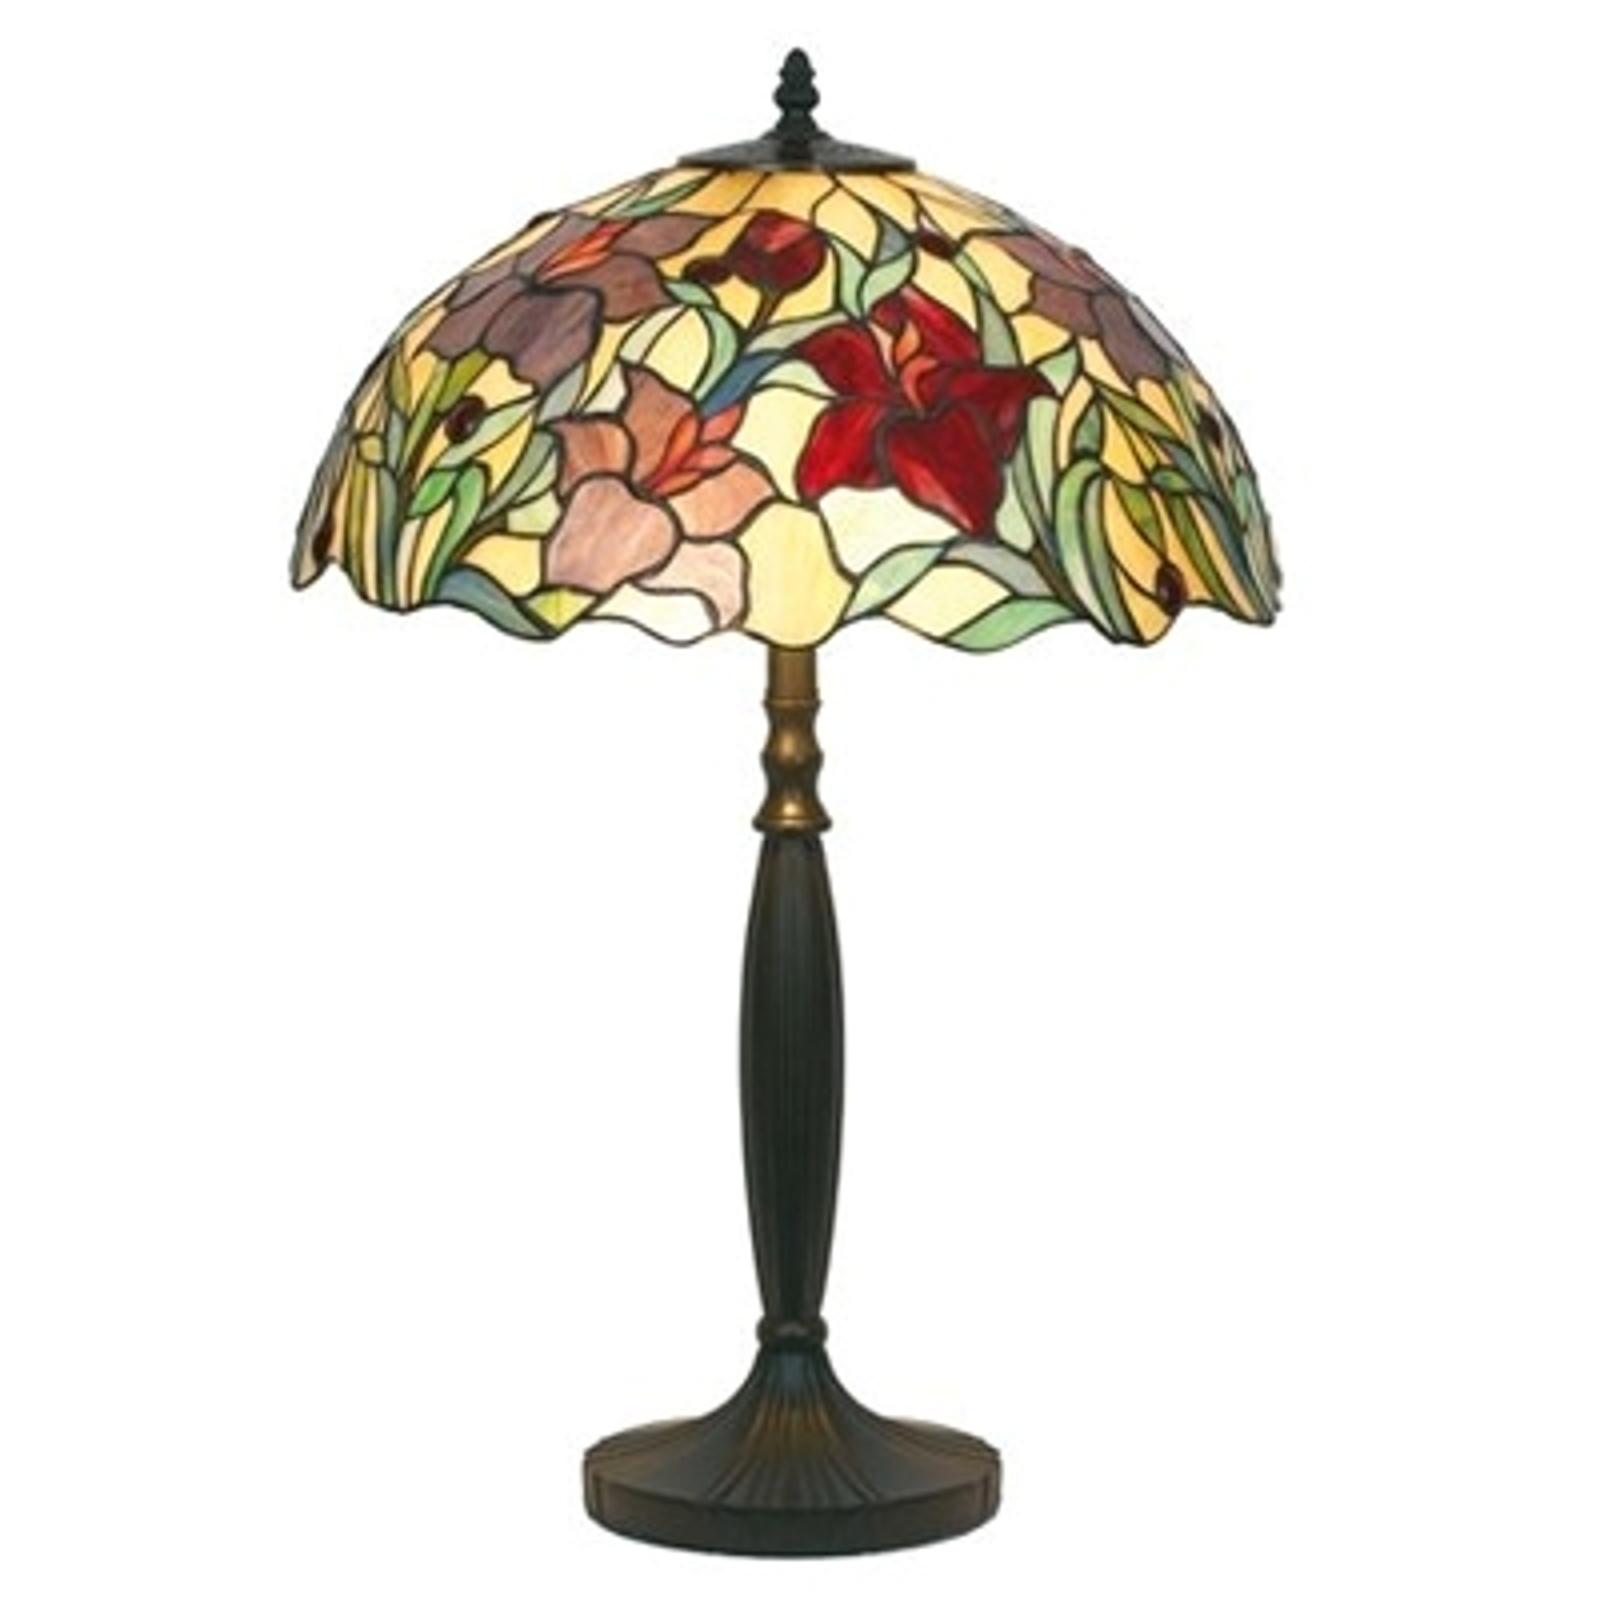 Florale Tischleuchte ATHINA, handgefertigt 62 cm